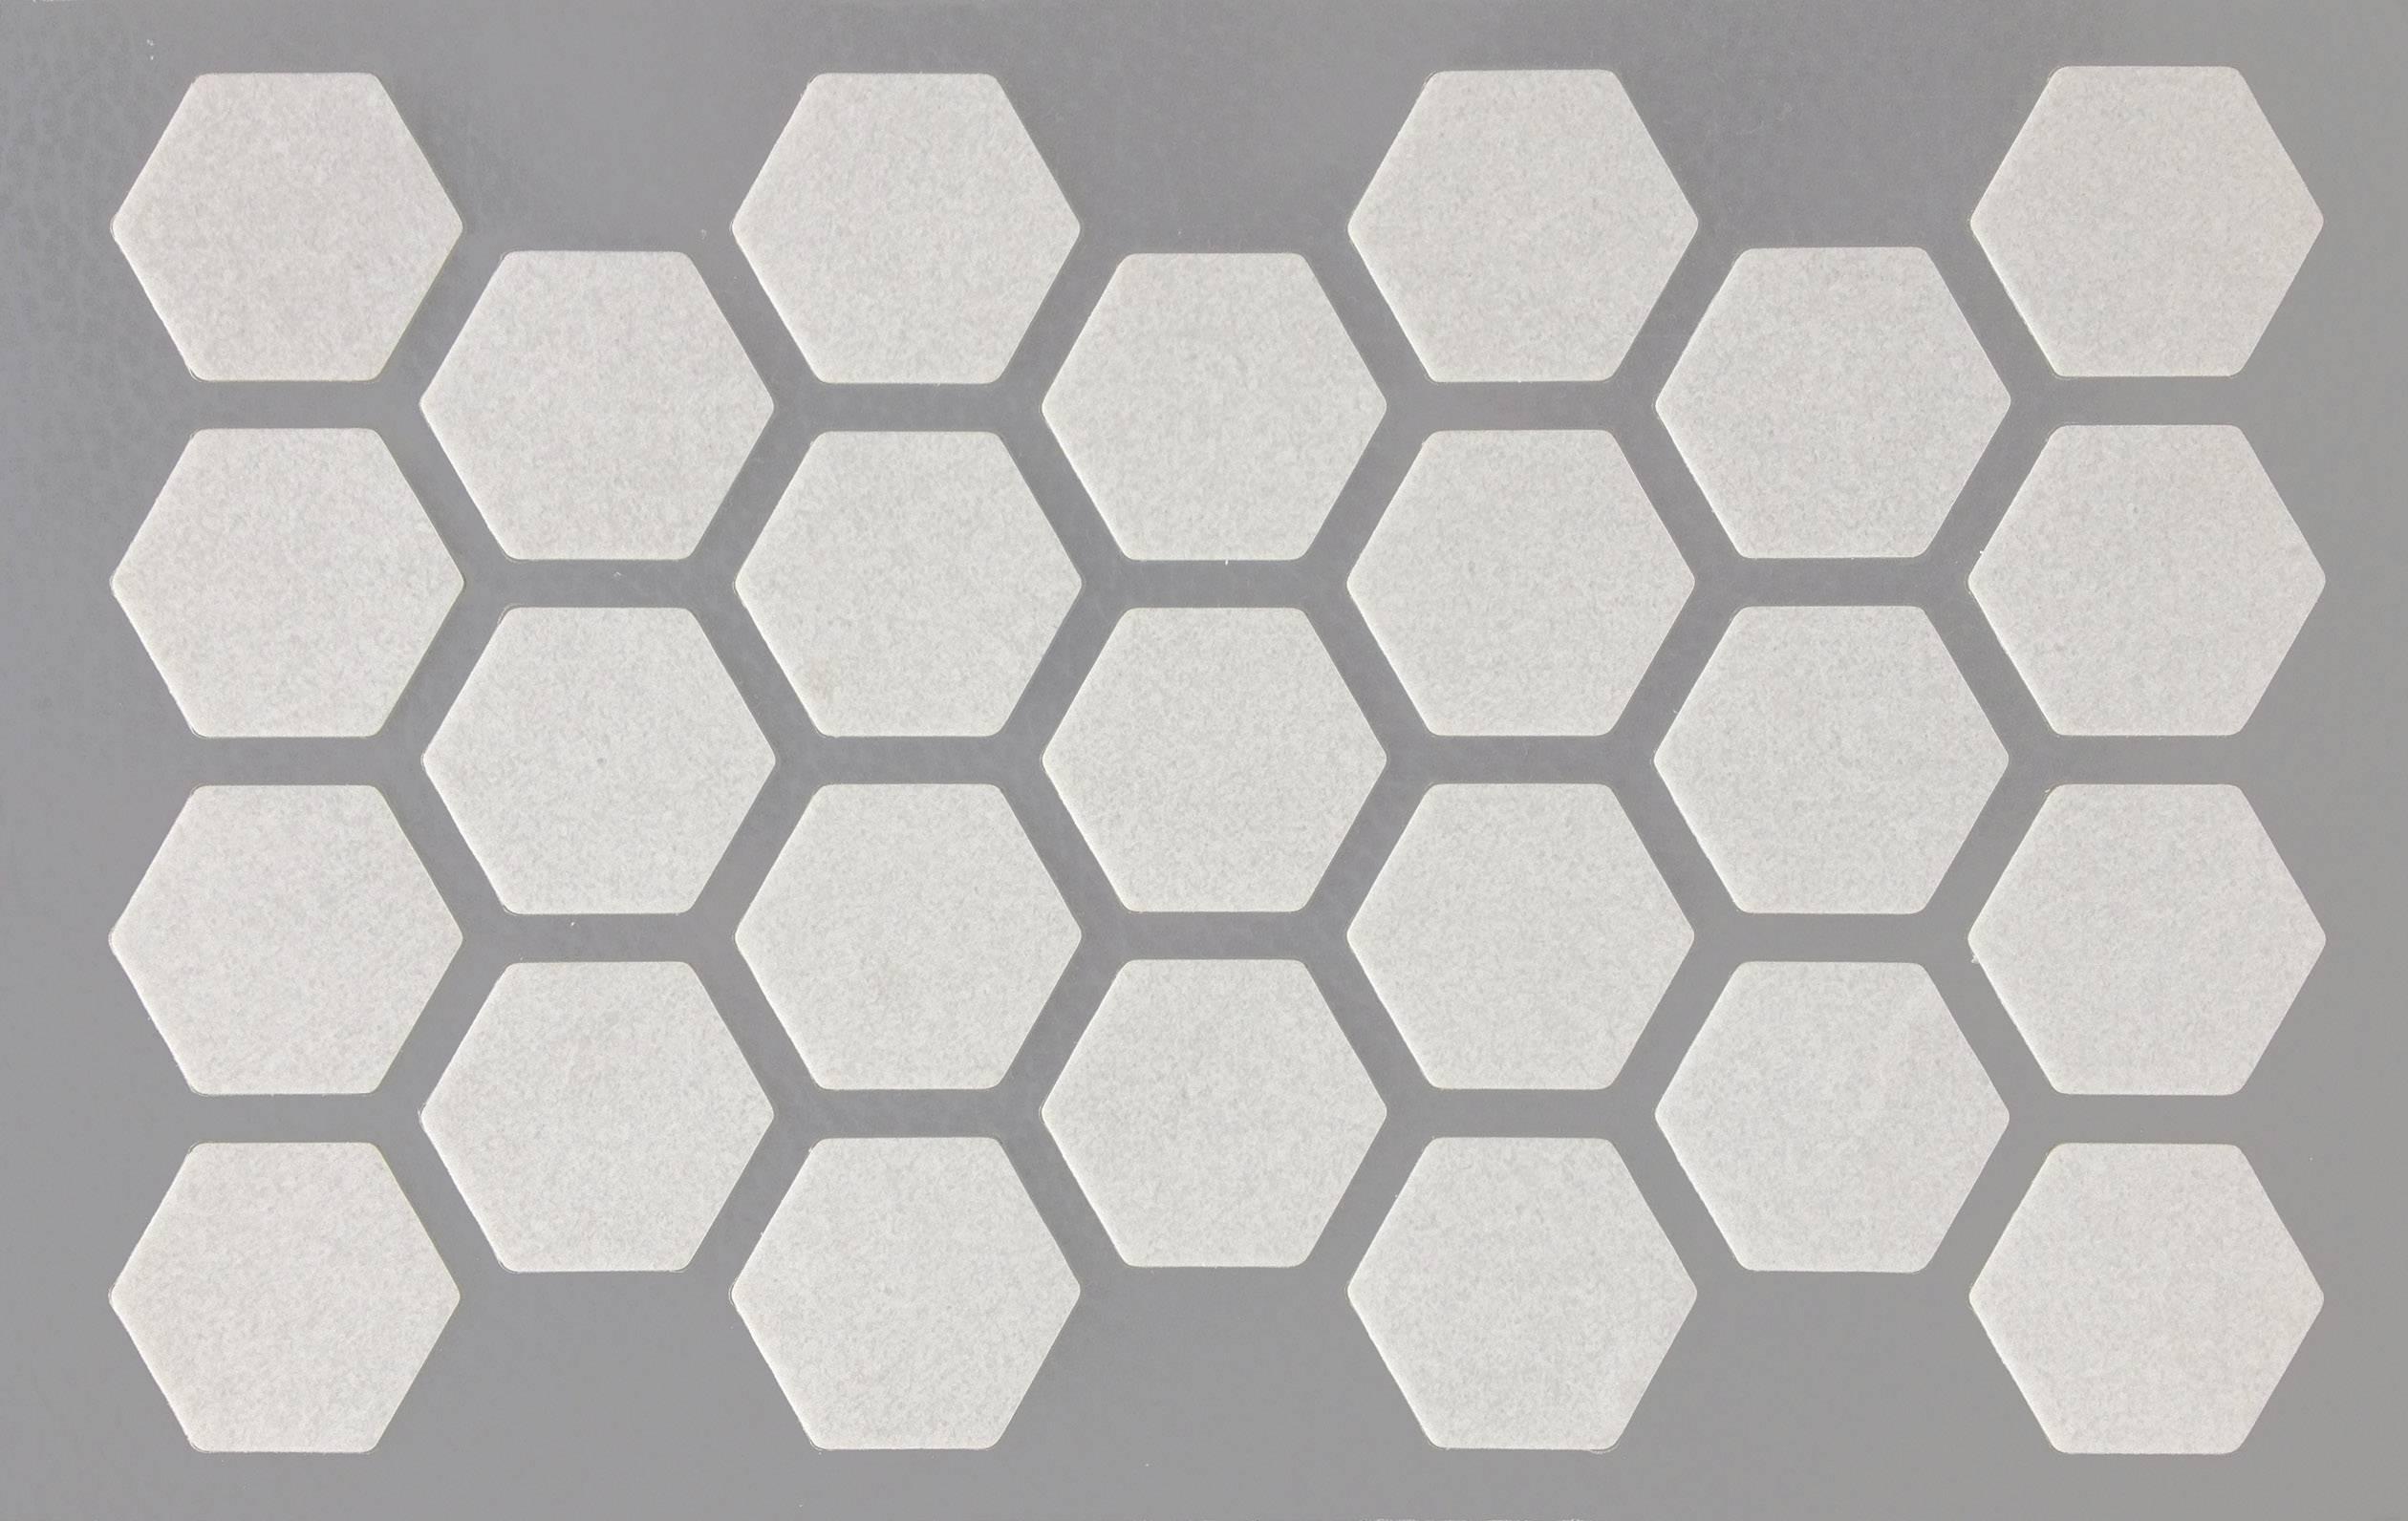 Samolepicí teplovodivá fólie 3M, 8940